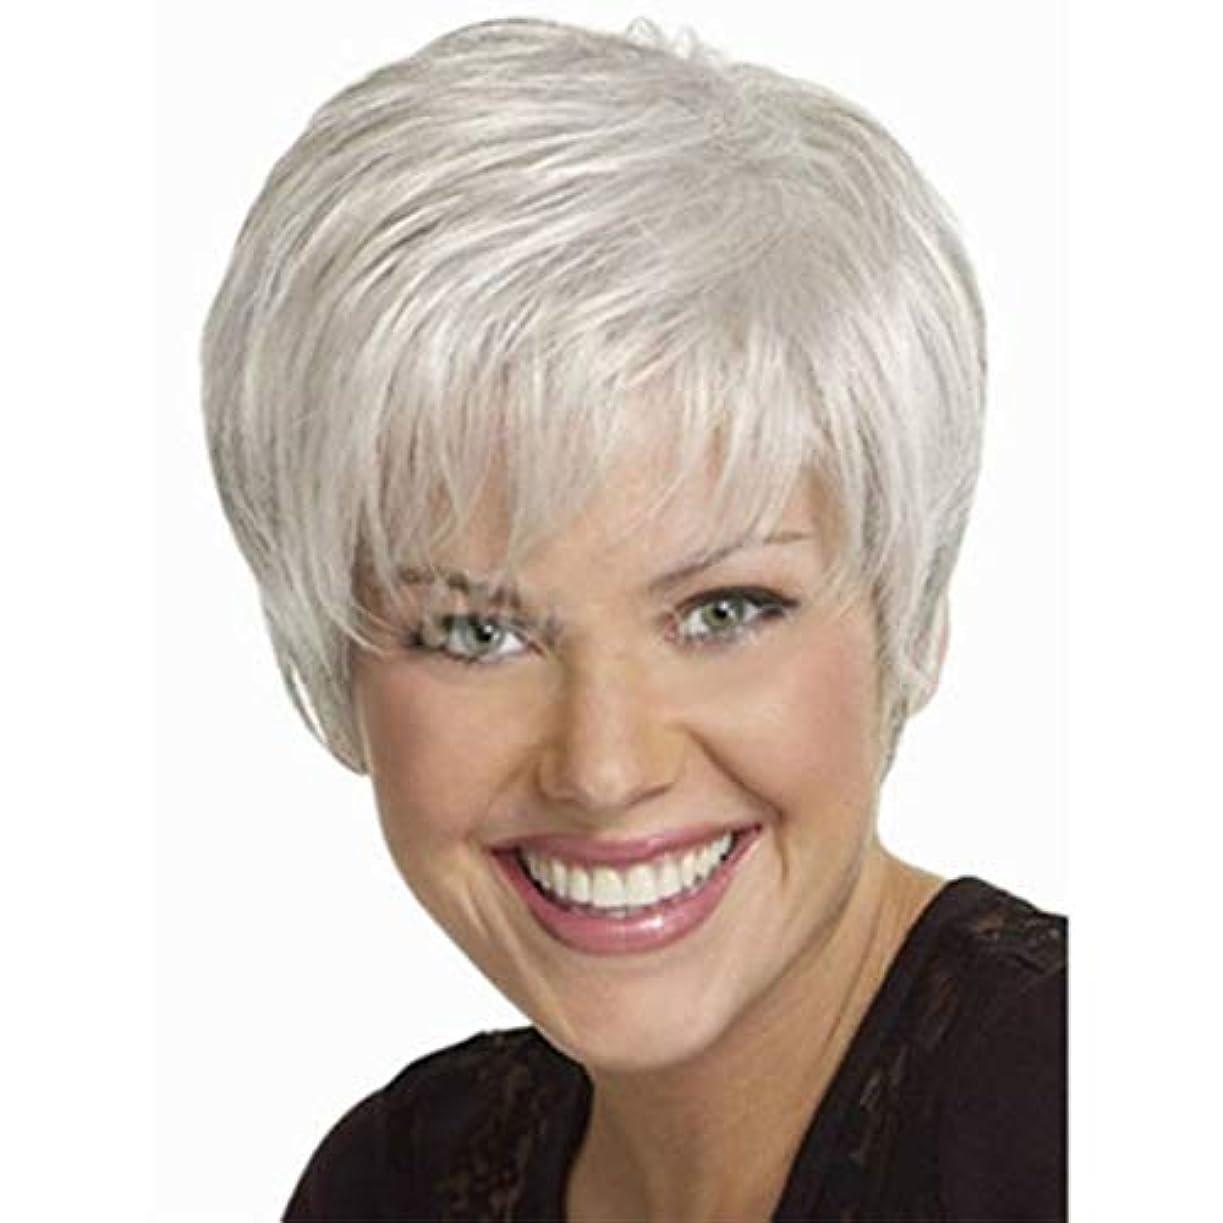 抑止するレバーポスターSummerys ショートヘアウィッグショートストレート人工毛フルウィッグ自然に見える高温ワイヤーウィッグ女性用